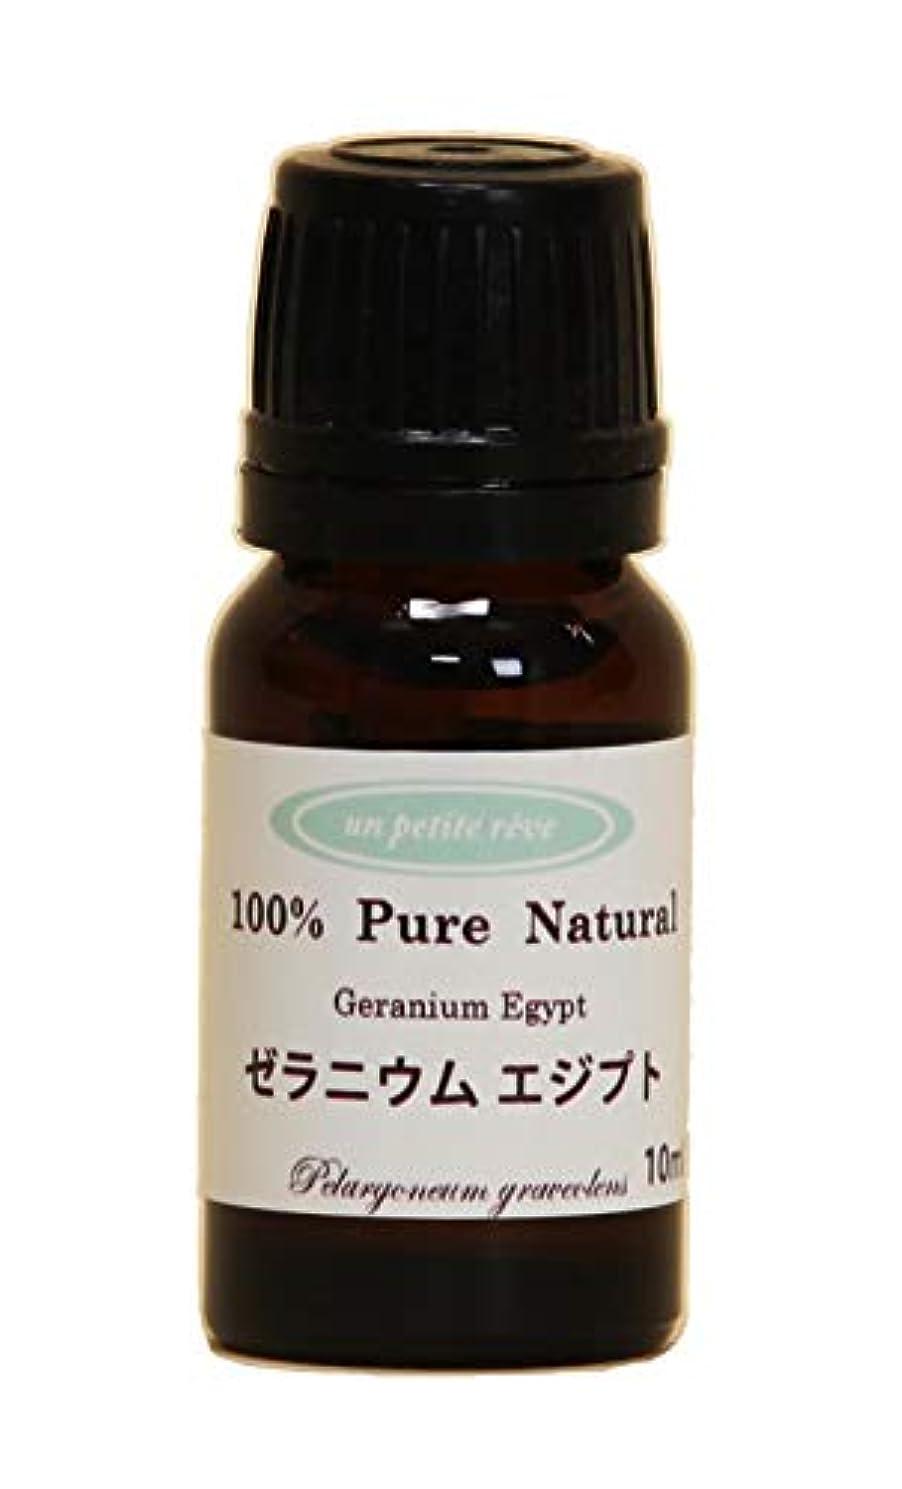 剃る代わりの欠乏ゼラニウムエジプト 10ml 100%天然アロマエッセンシャルオイル(精油)